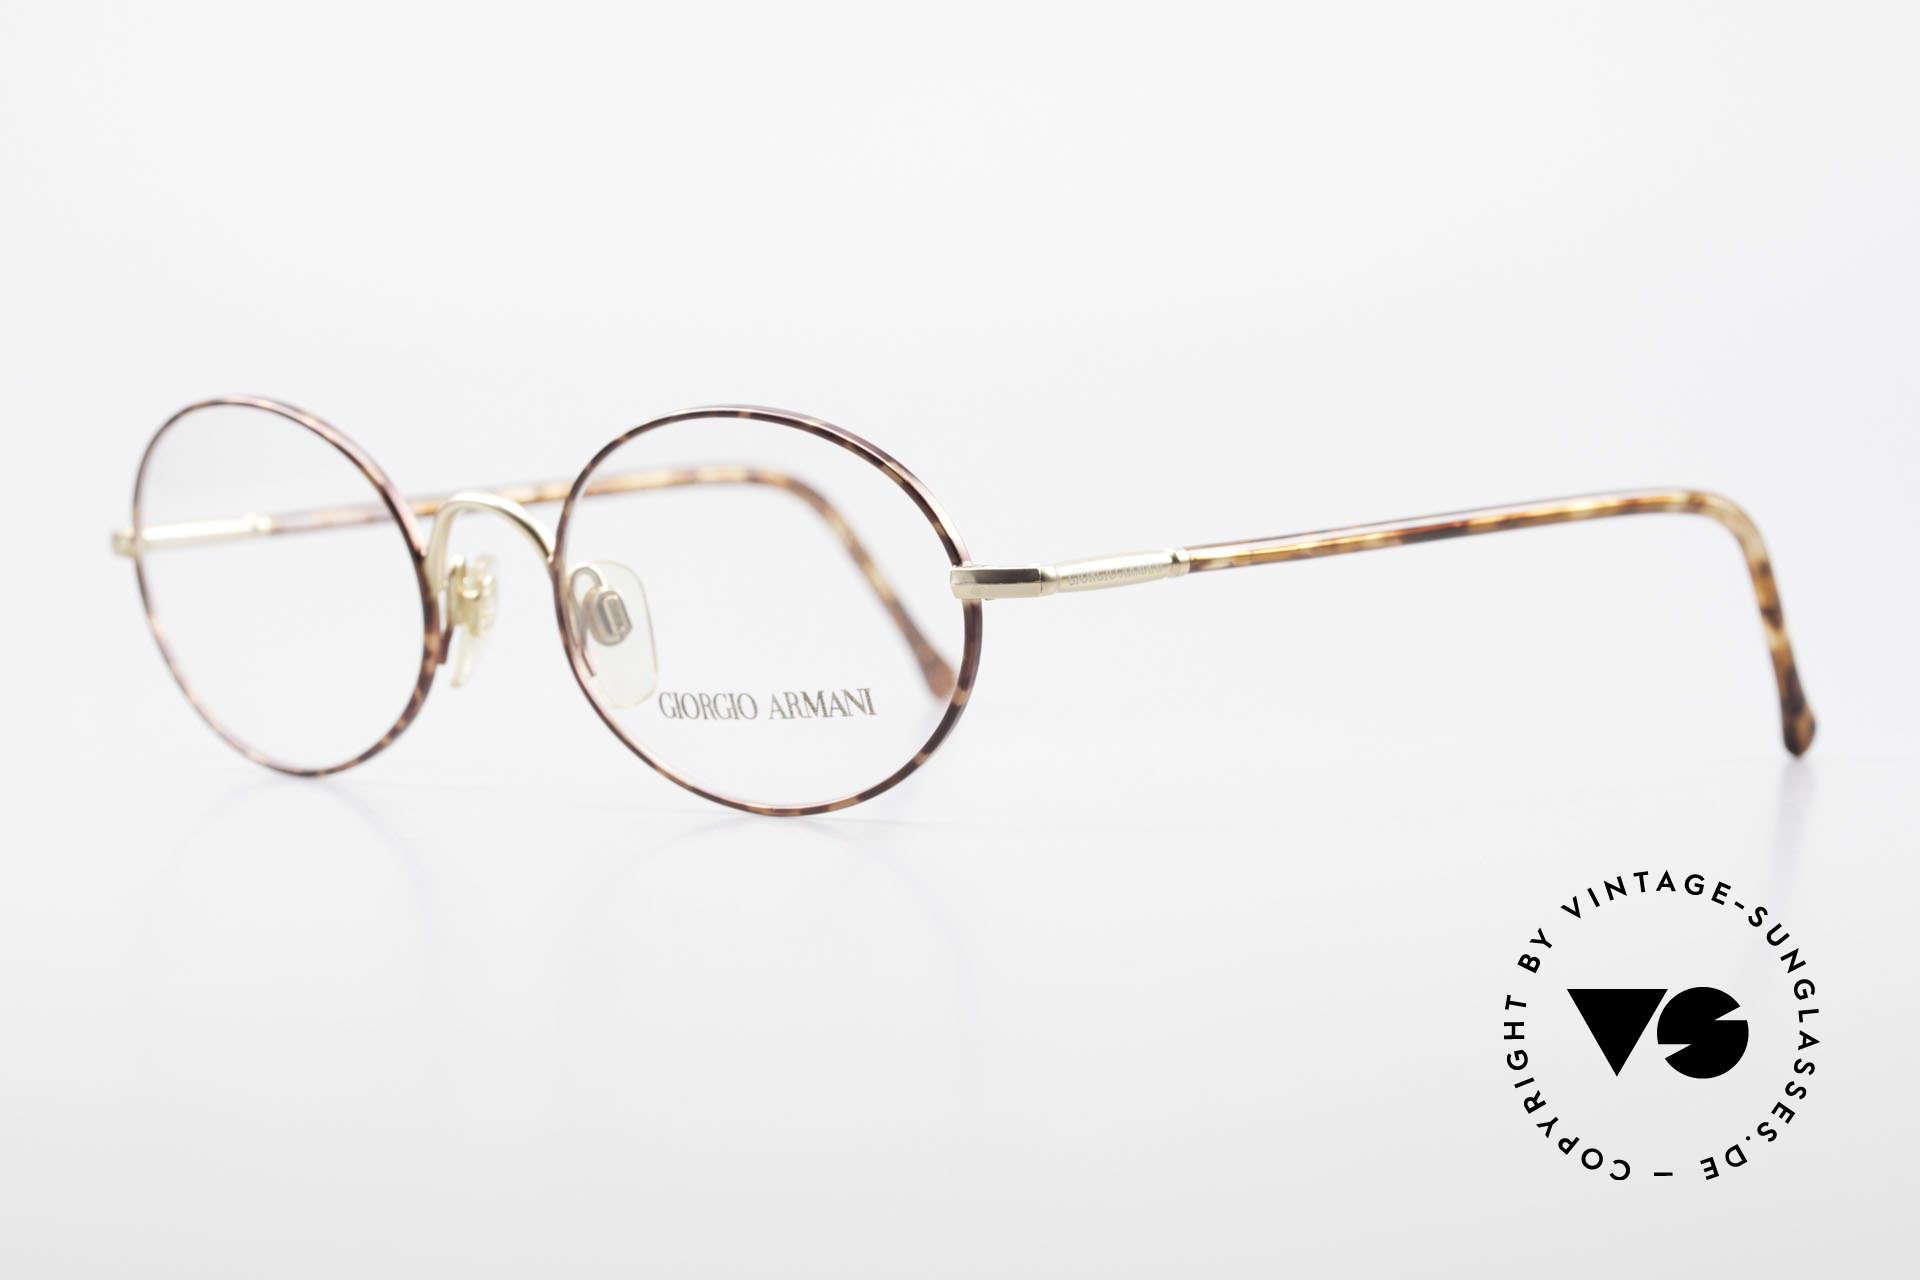 Giorgio Armani 189 Ovale Designerbrille 1990er, elegante Farbkombination aus kastanienbraun & gold, Passend für Herren